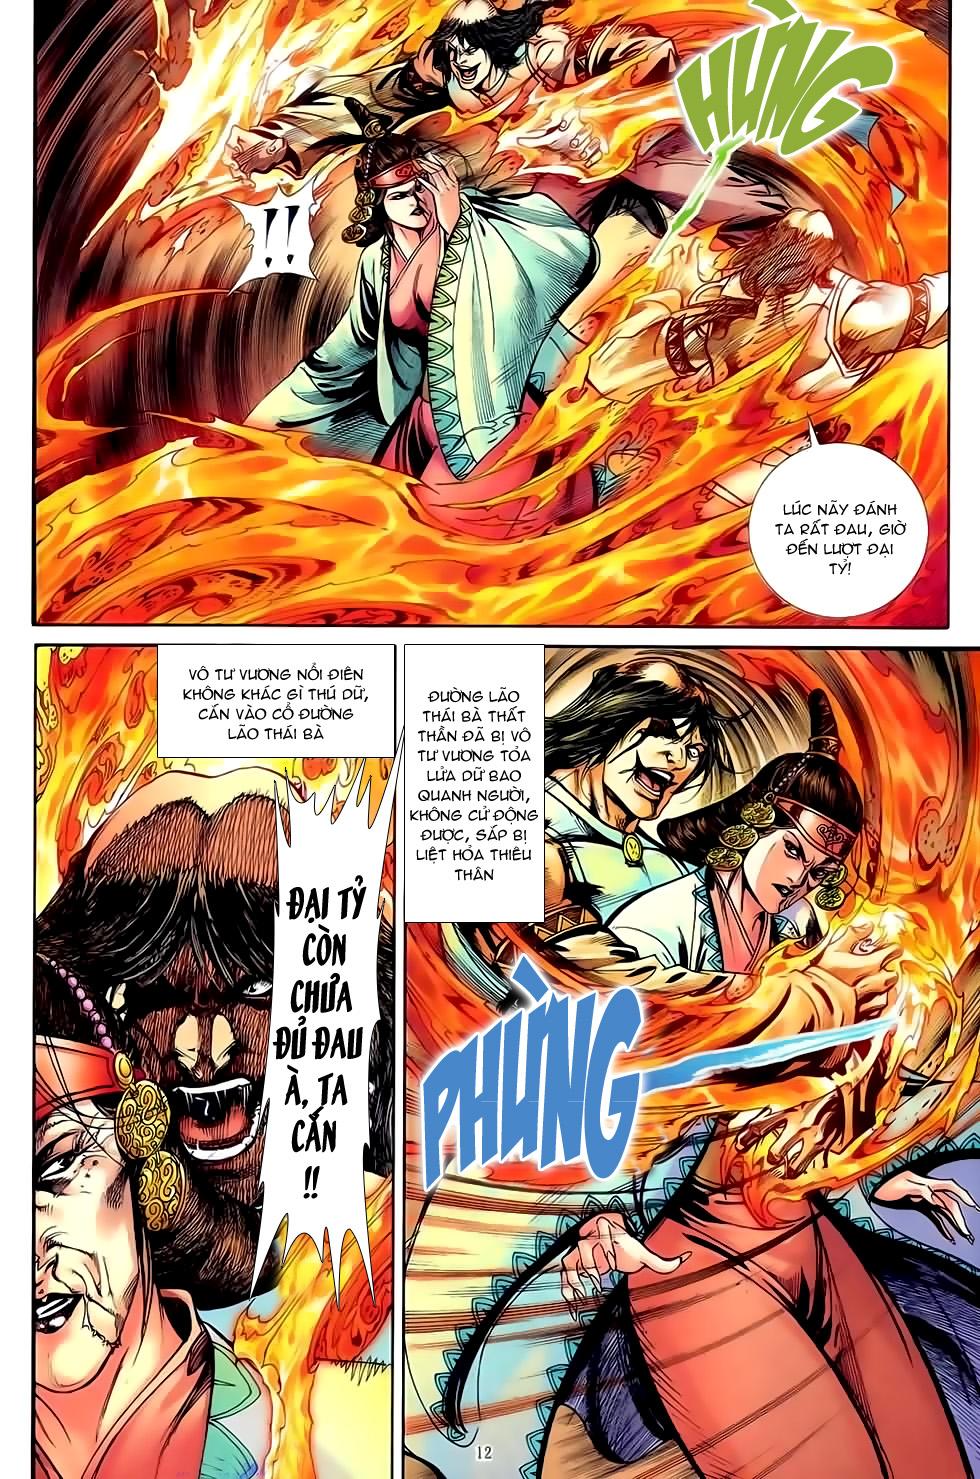 Đại Hiệp Truyền Kỳ (Thần Châu Hậu Truyện) chap 51 - Trang 11